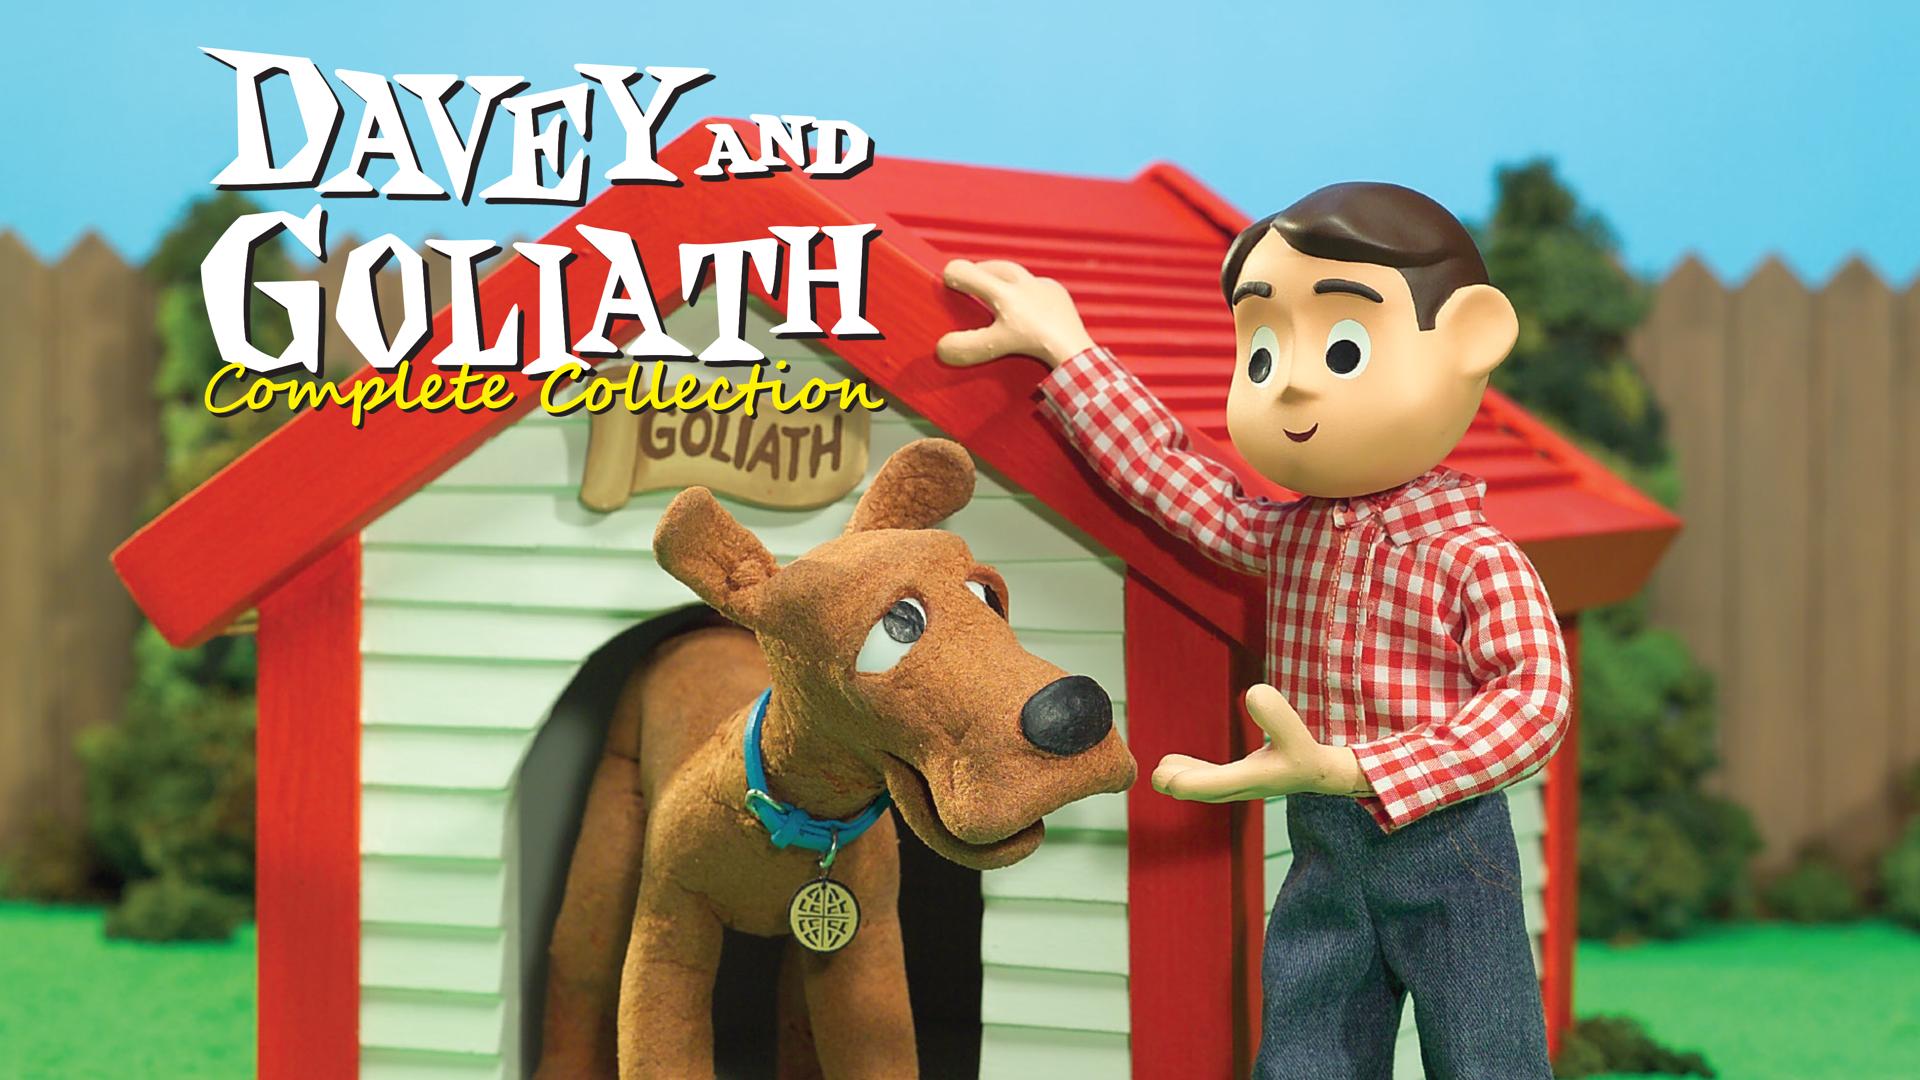 Christian Kids' Shows and Movies | Faithlife TV - Faithlife TV